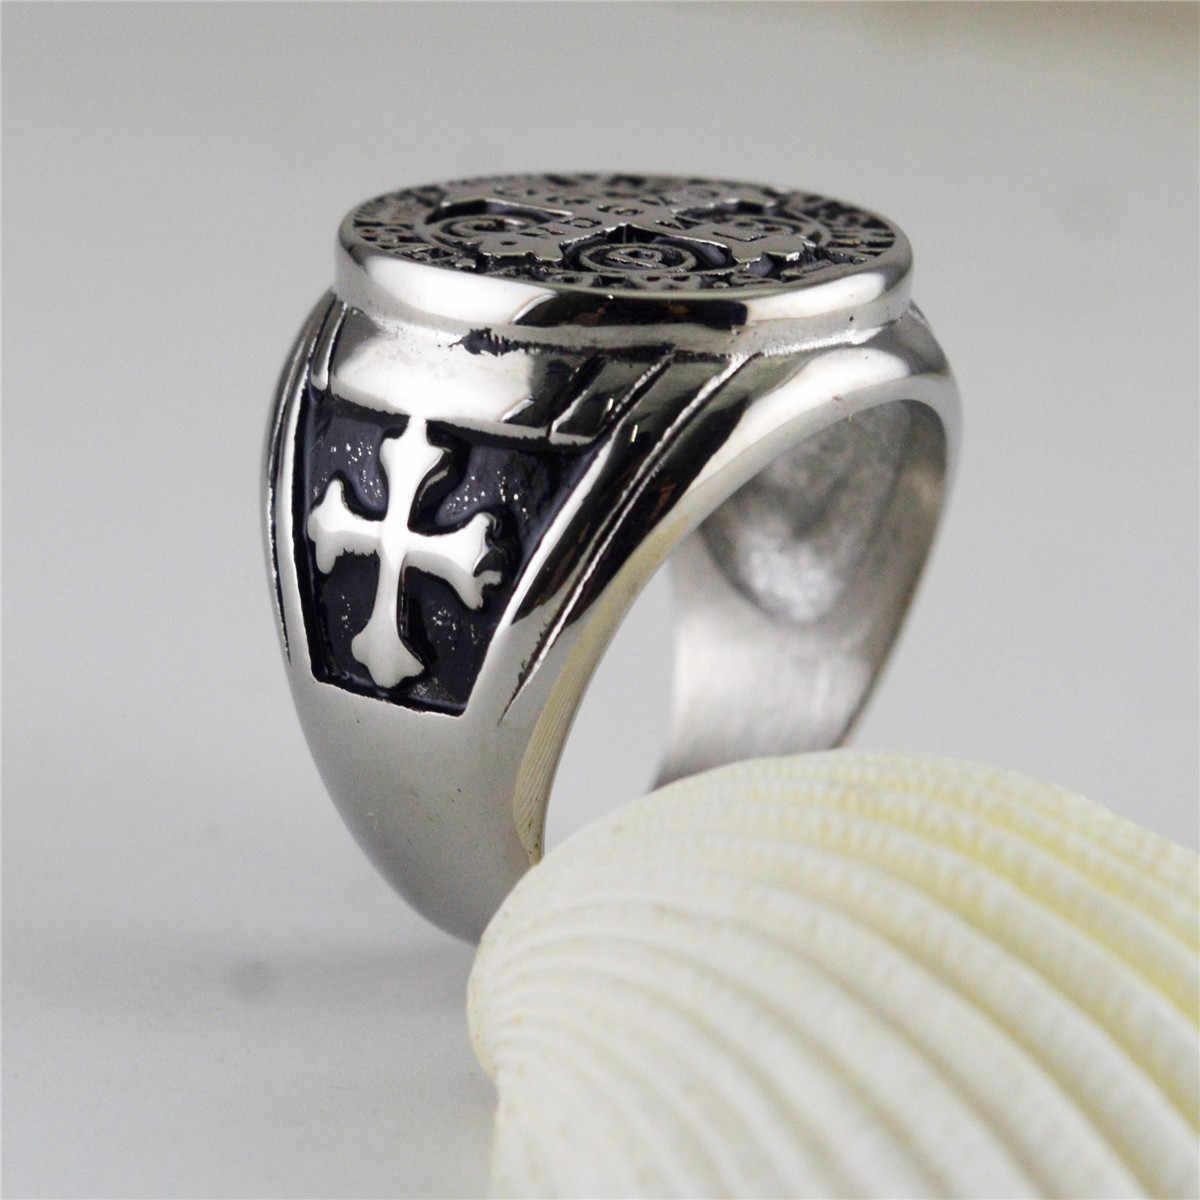 כסף זהב צבע זכר הכנסייה תכשיטי נירוסטה טון צלב כתובי טבעת לגברים בנדיקטוס הקדוש CSPB לנכש טבעת